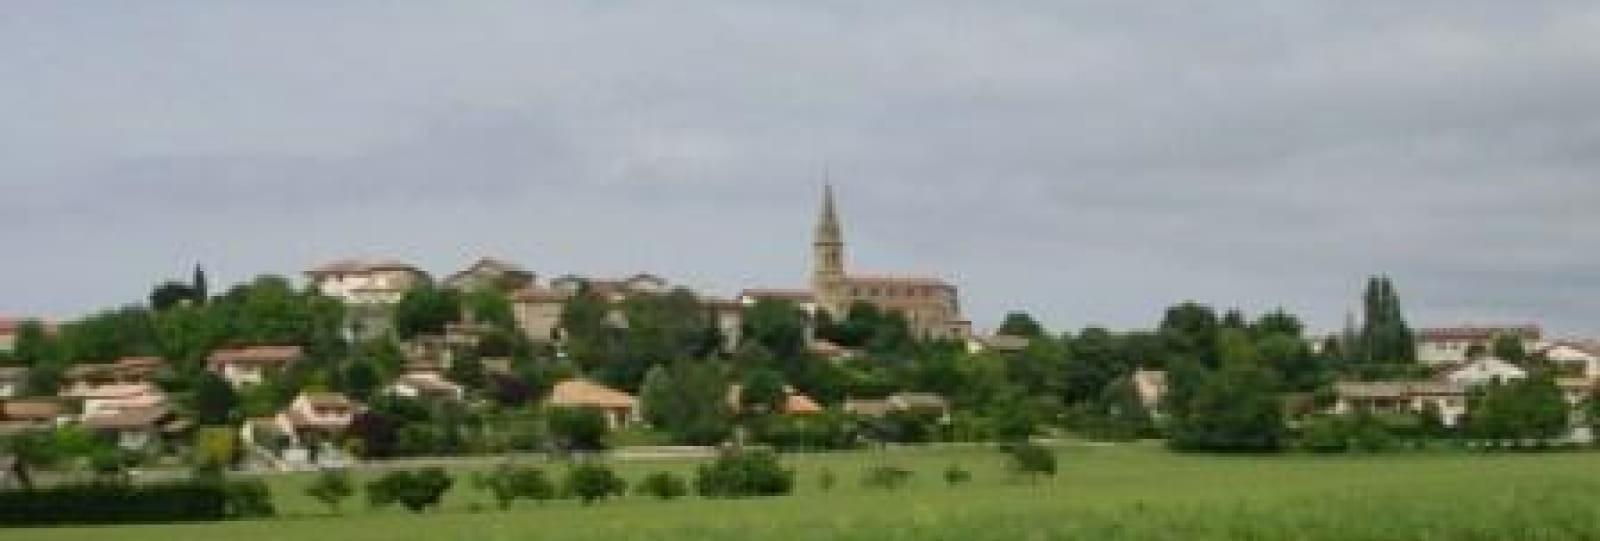 Village de Marches